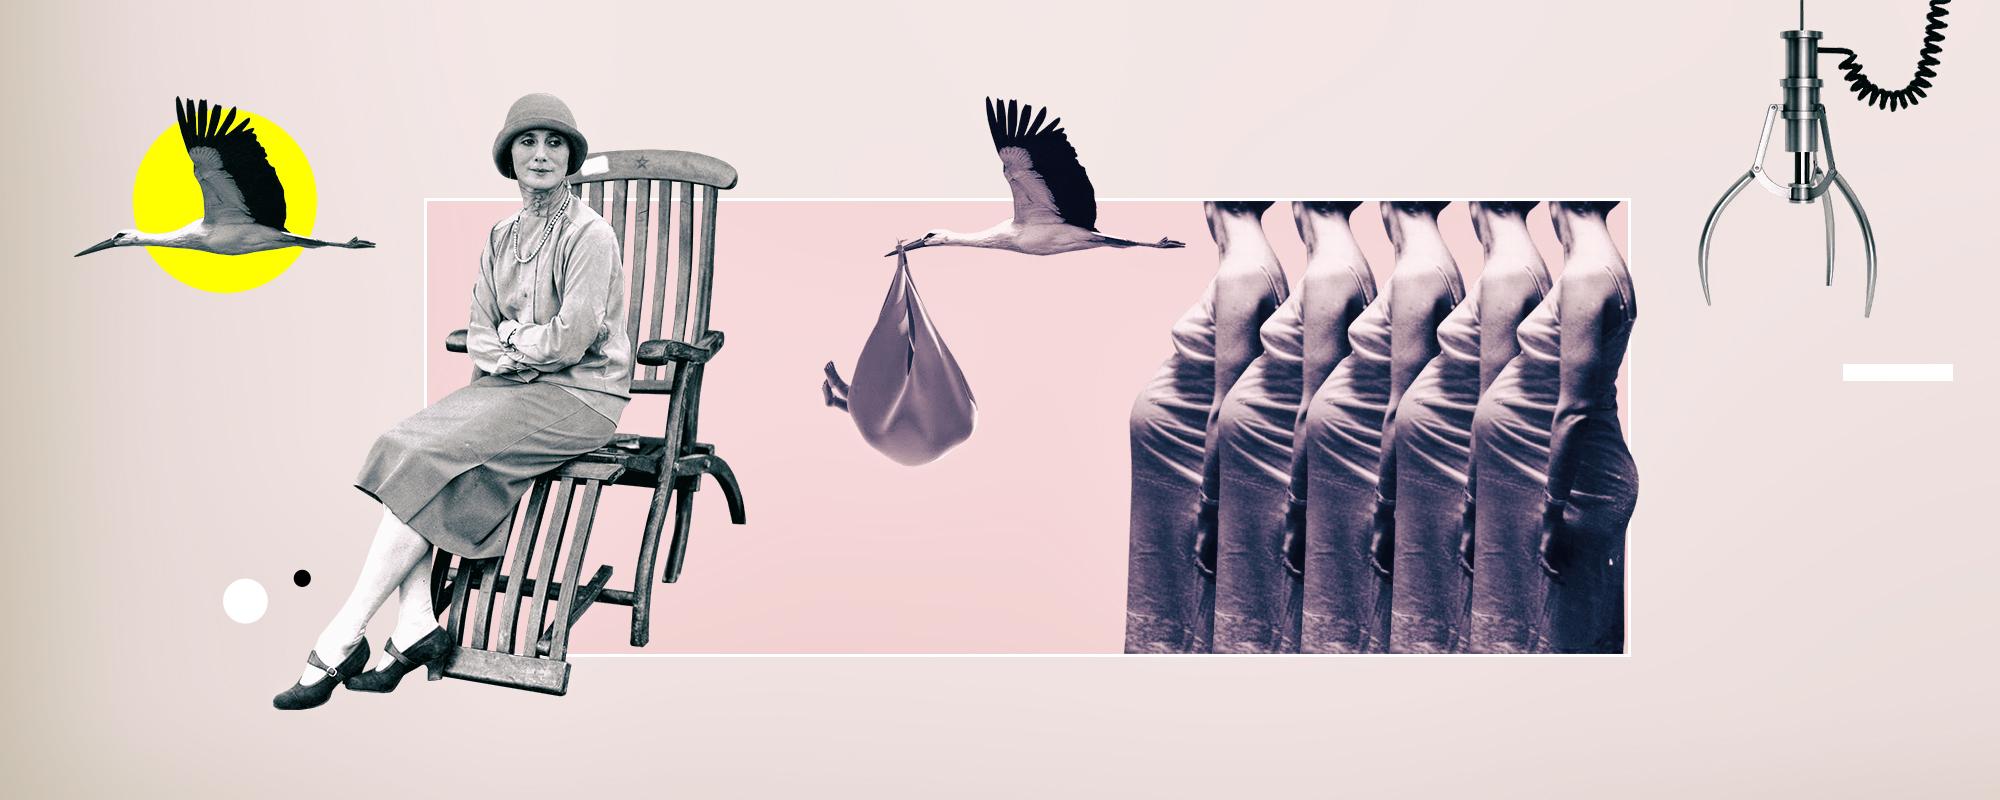 Gestació_subrogada_i_feminismes_revista_IDEES